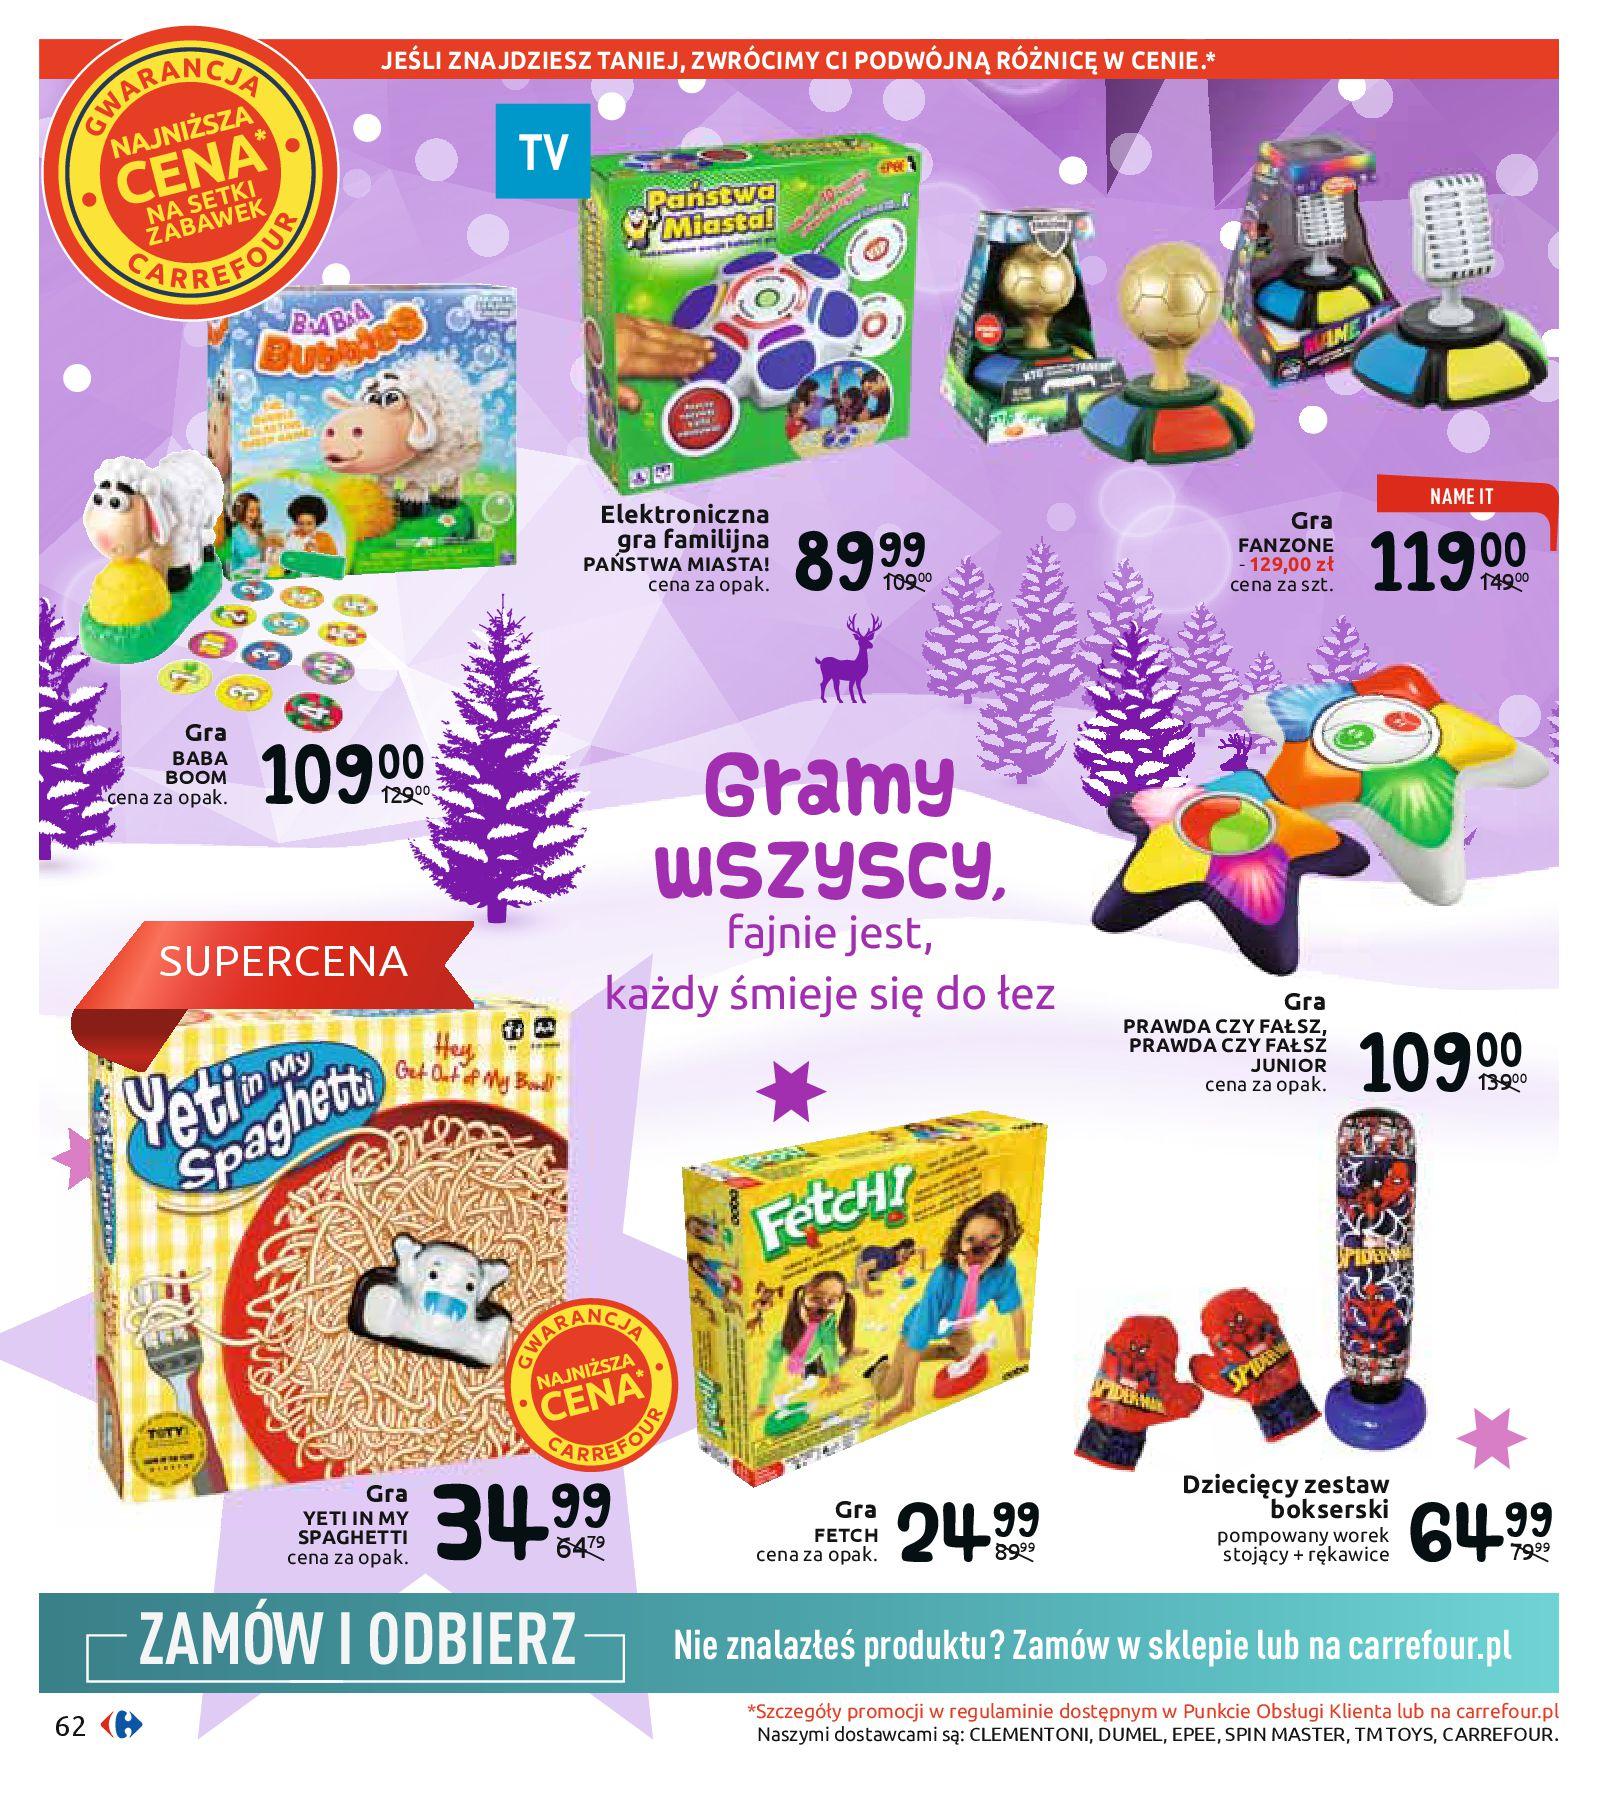 Gazetka Carrefour - Czary mary-03.11.2019-24.12.2019-page-62